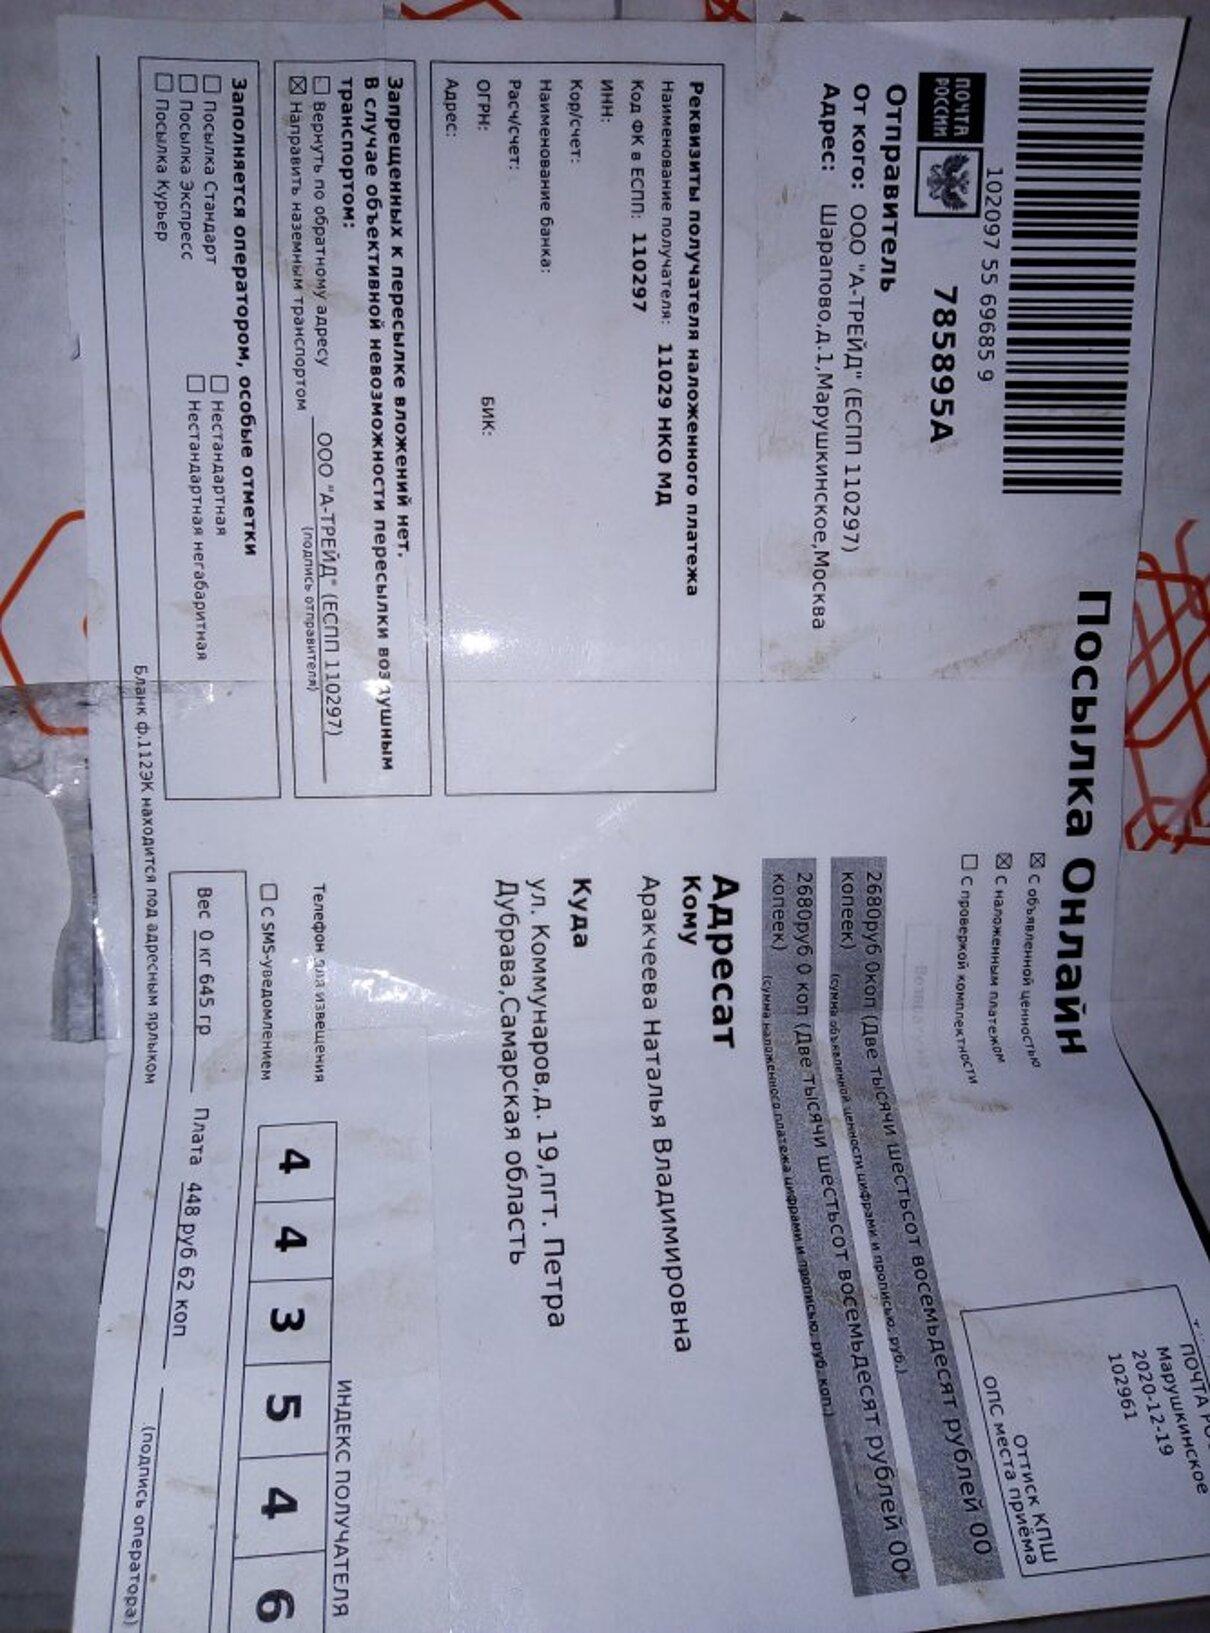 Жалоба-отзыв: ООО А-ТРЕЙД (ЕСПП 110297) - Мошенники.  Фото №3